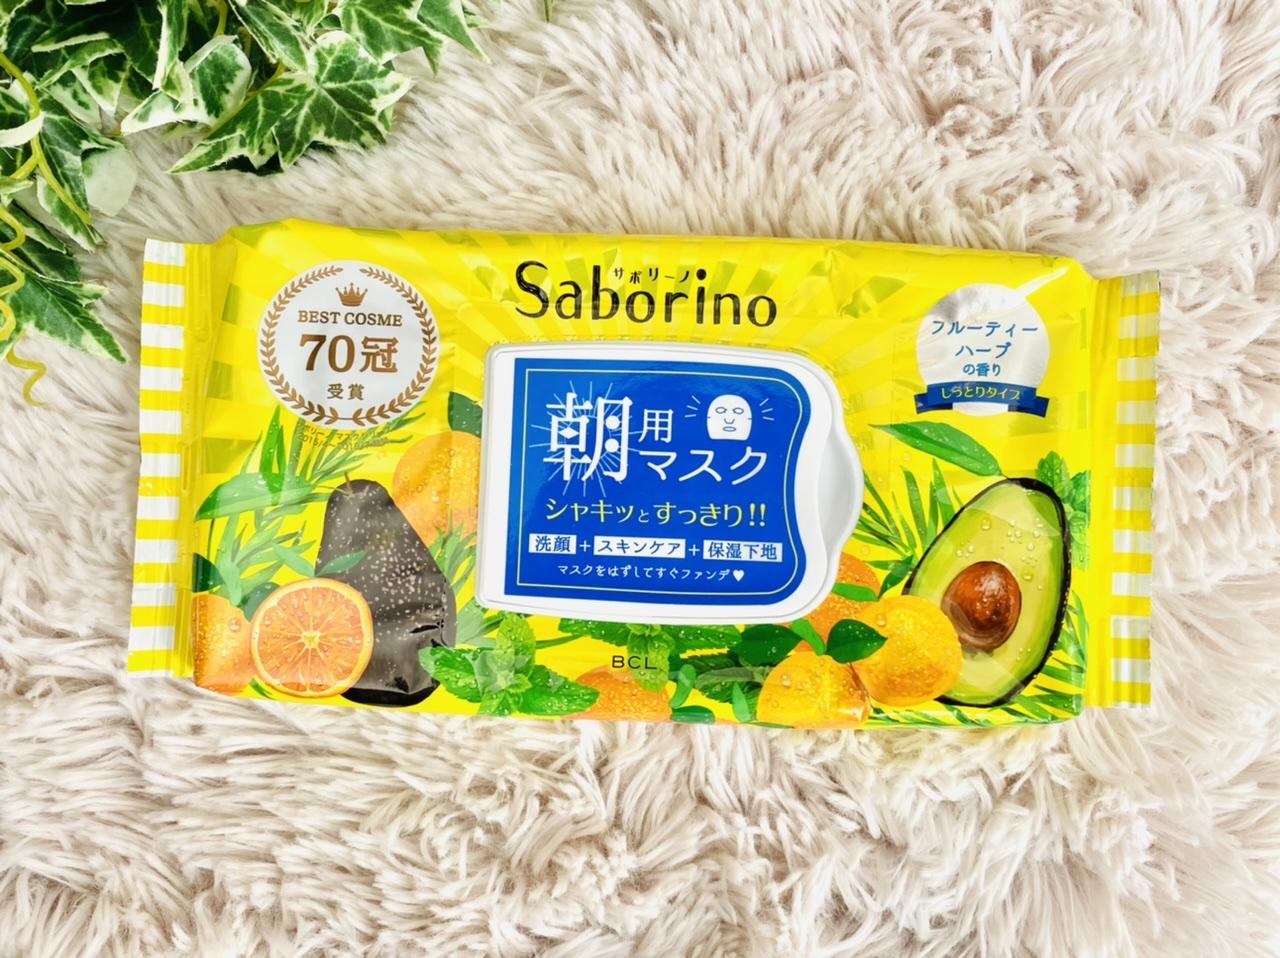 【Saborino(サボリーノ)】忙しい朝の強い味方★朝用マスクで60秒でスキンケア完了!_1